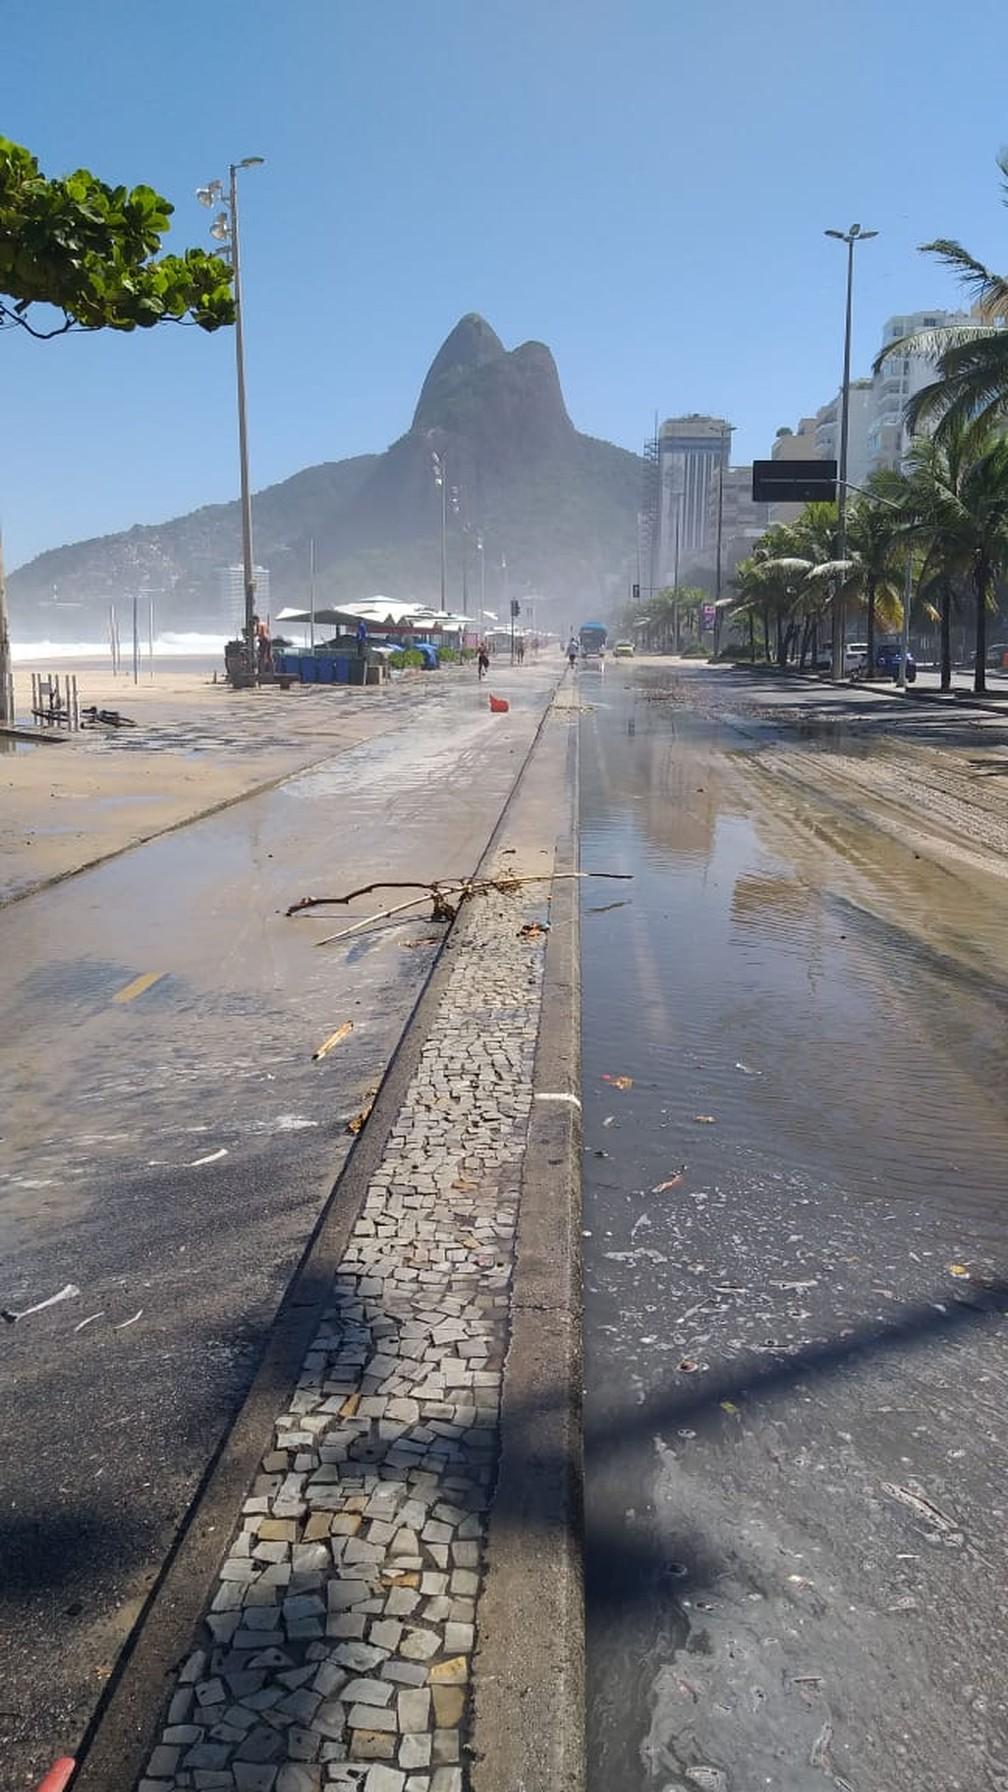 Mar invadiu o calçadão, a ciclovia e até a pista da Av. Delfim Moreira, no Leblon, durante a ressaca — Foto: Reprodução